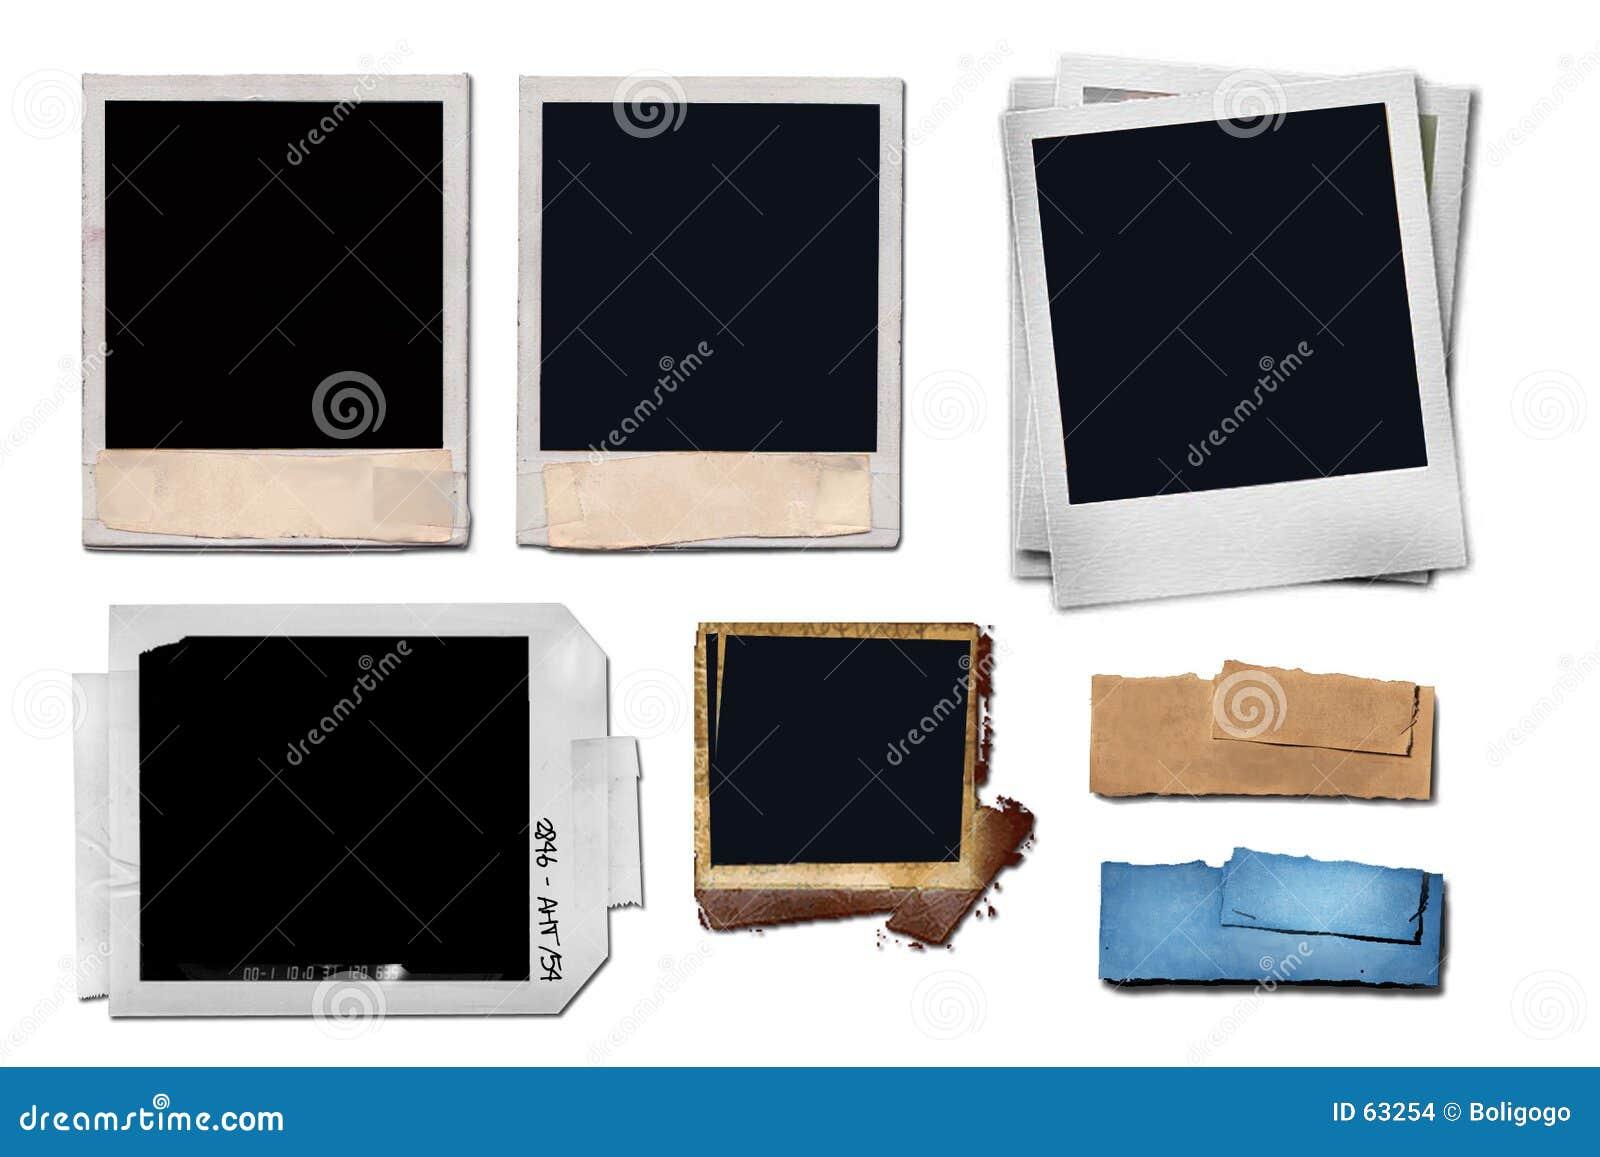 Los marcos - inserte su imagen